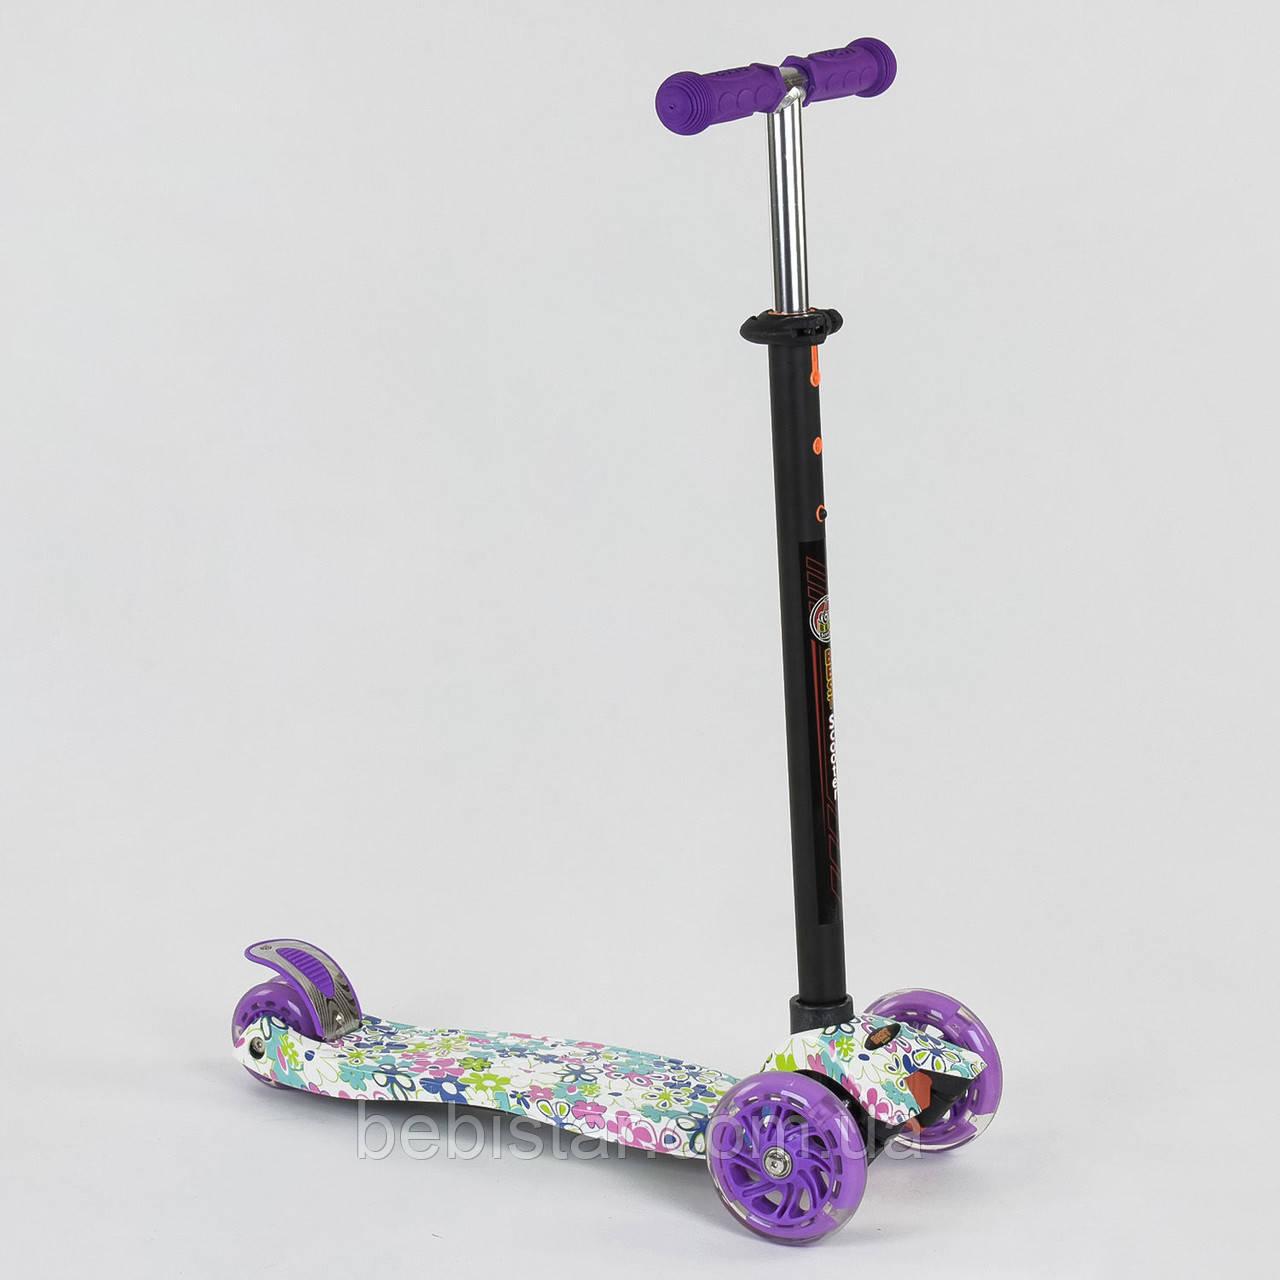 Самокат детский цветочный MAXI Best Scoote со светящимися фиолетовыми колесами от 3 лет